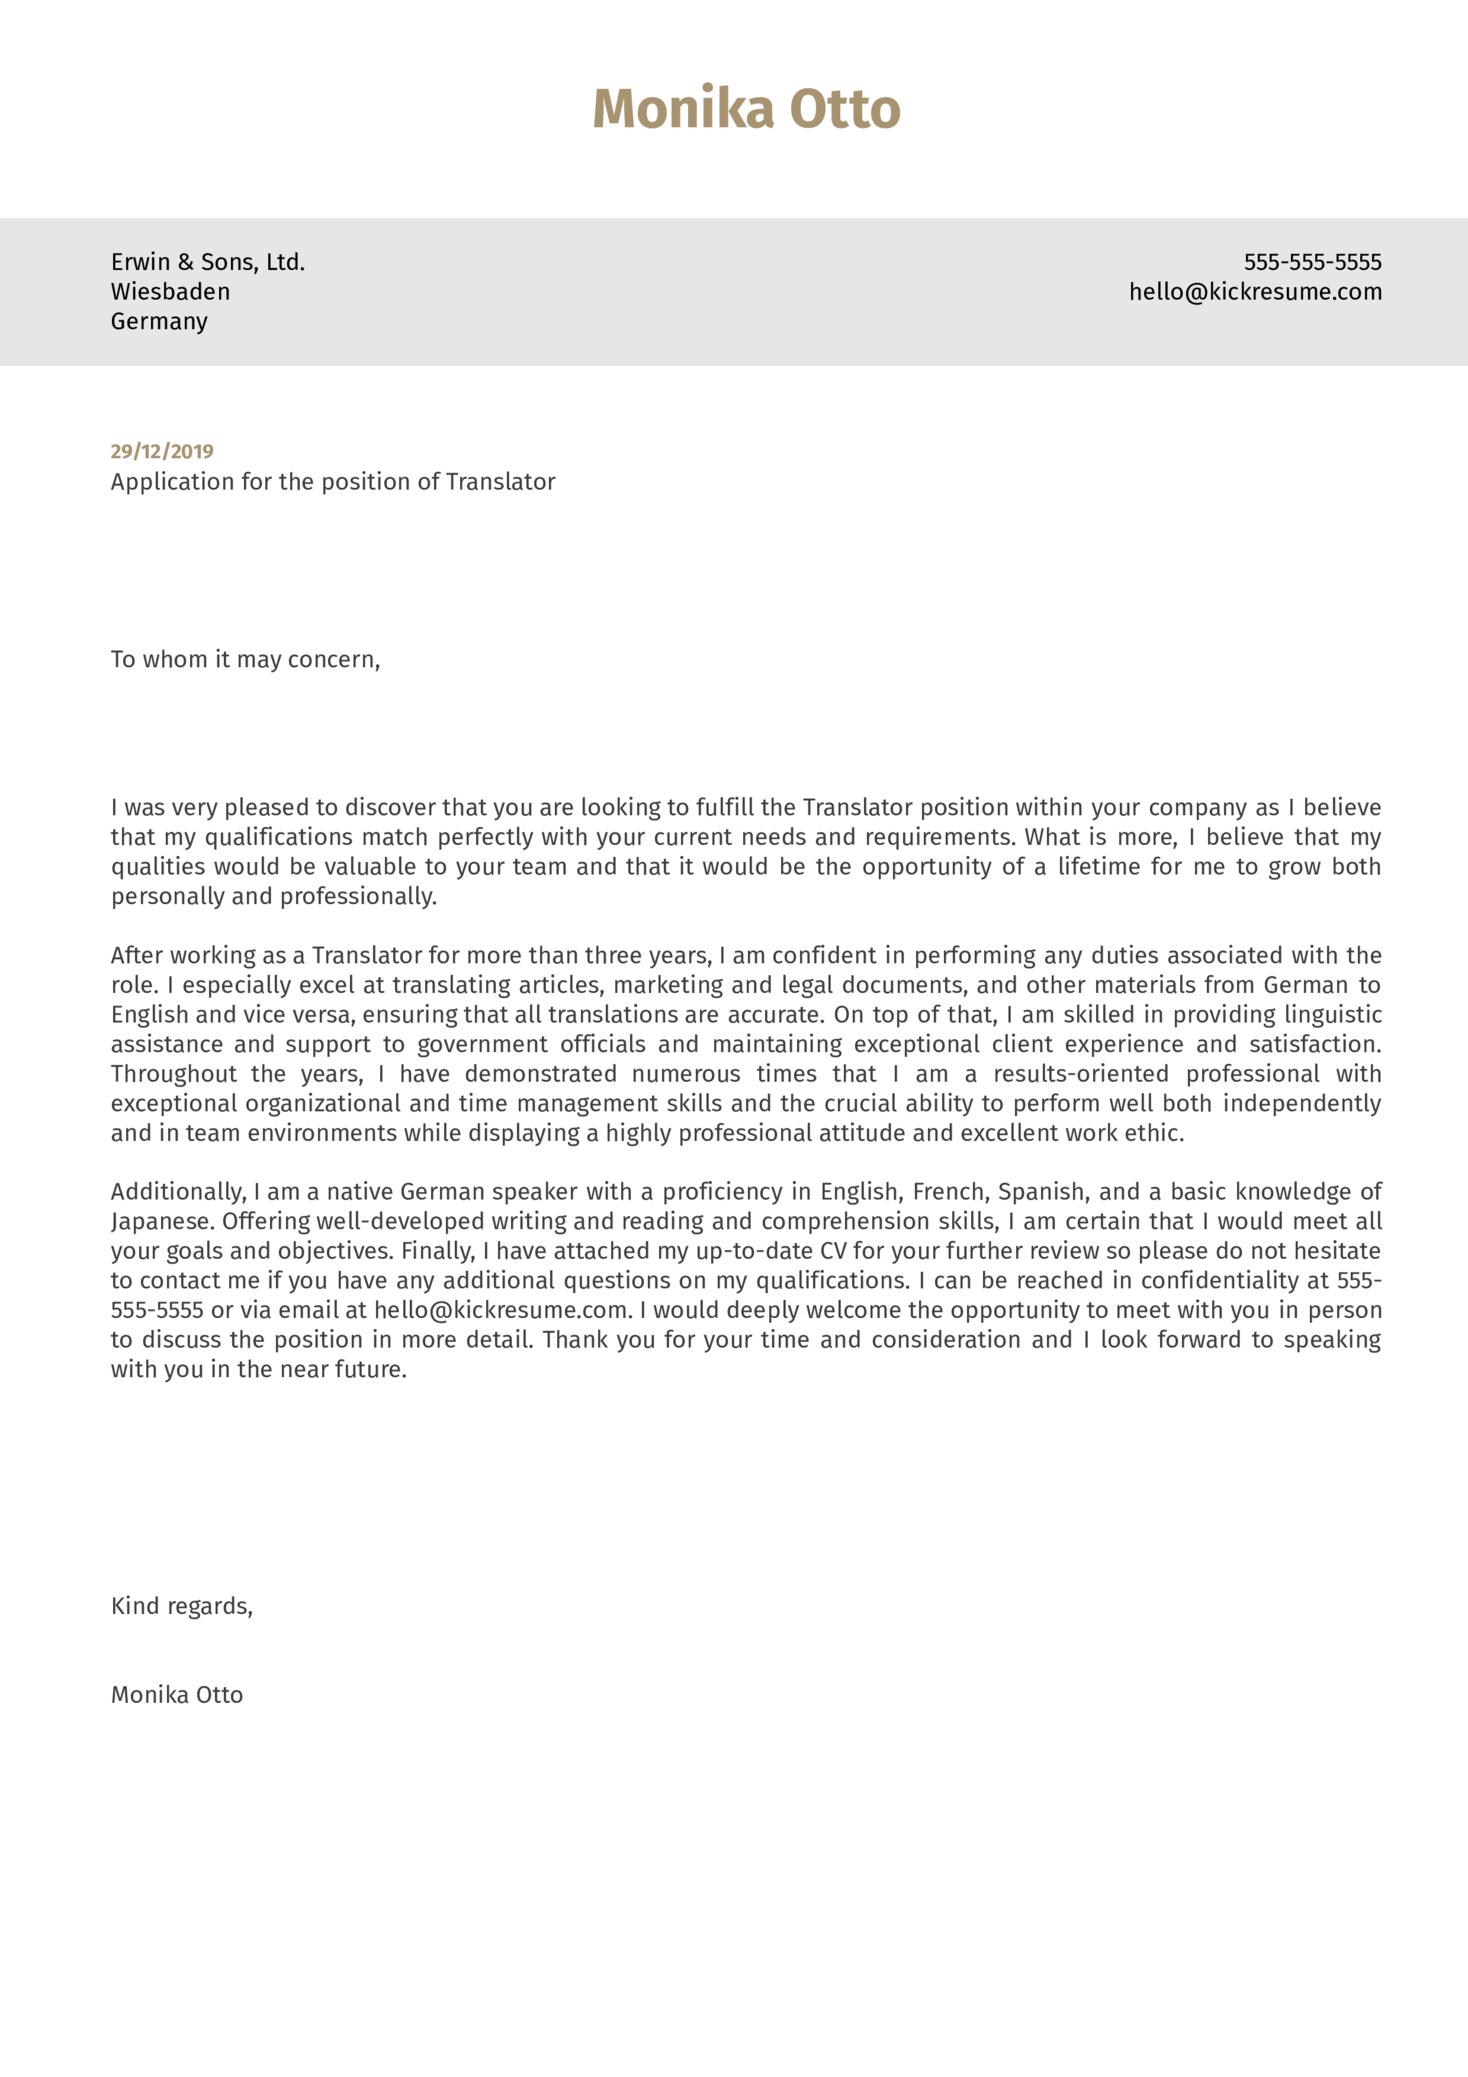 Translator Cover Letter Sample